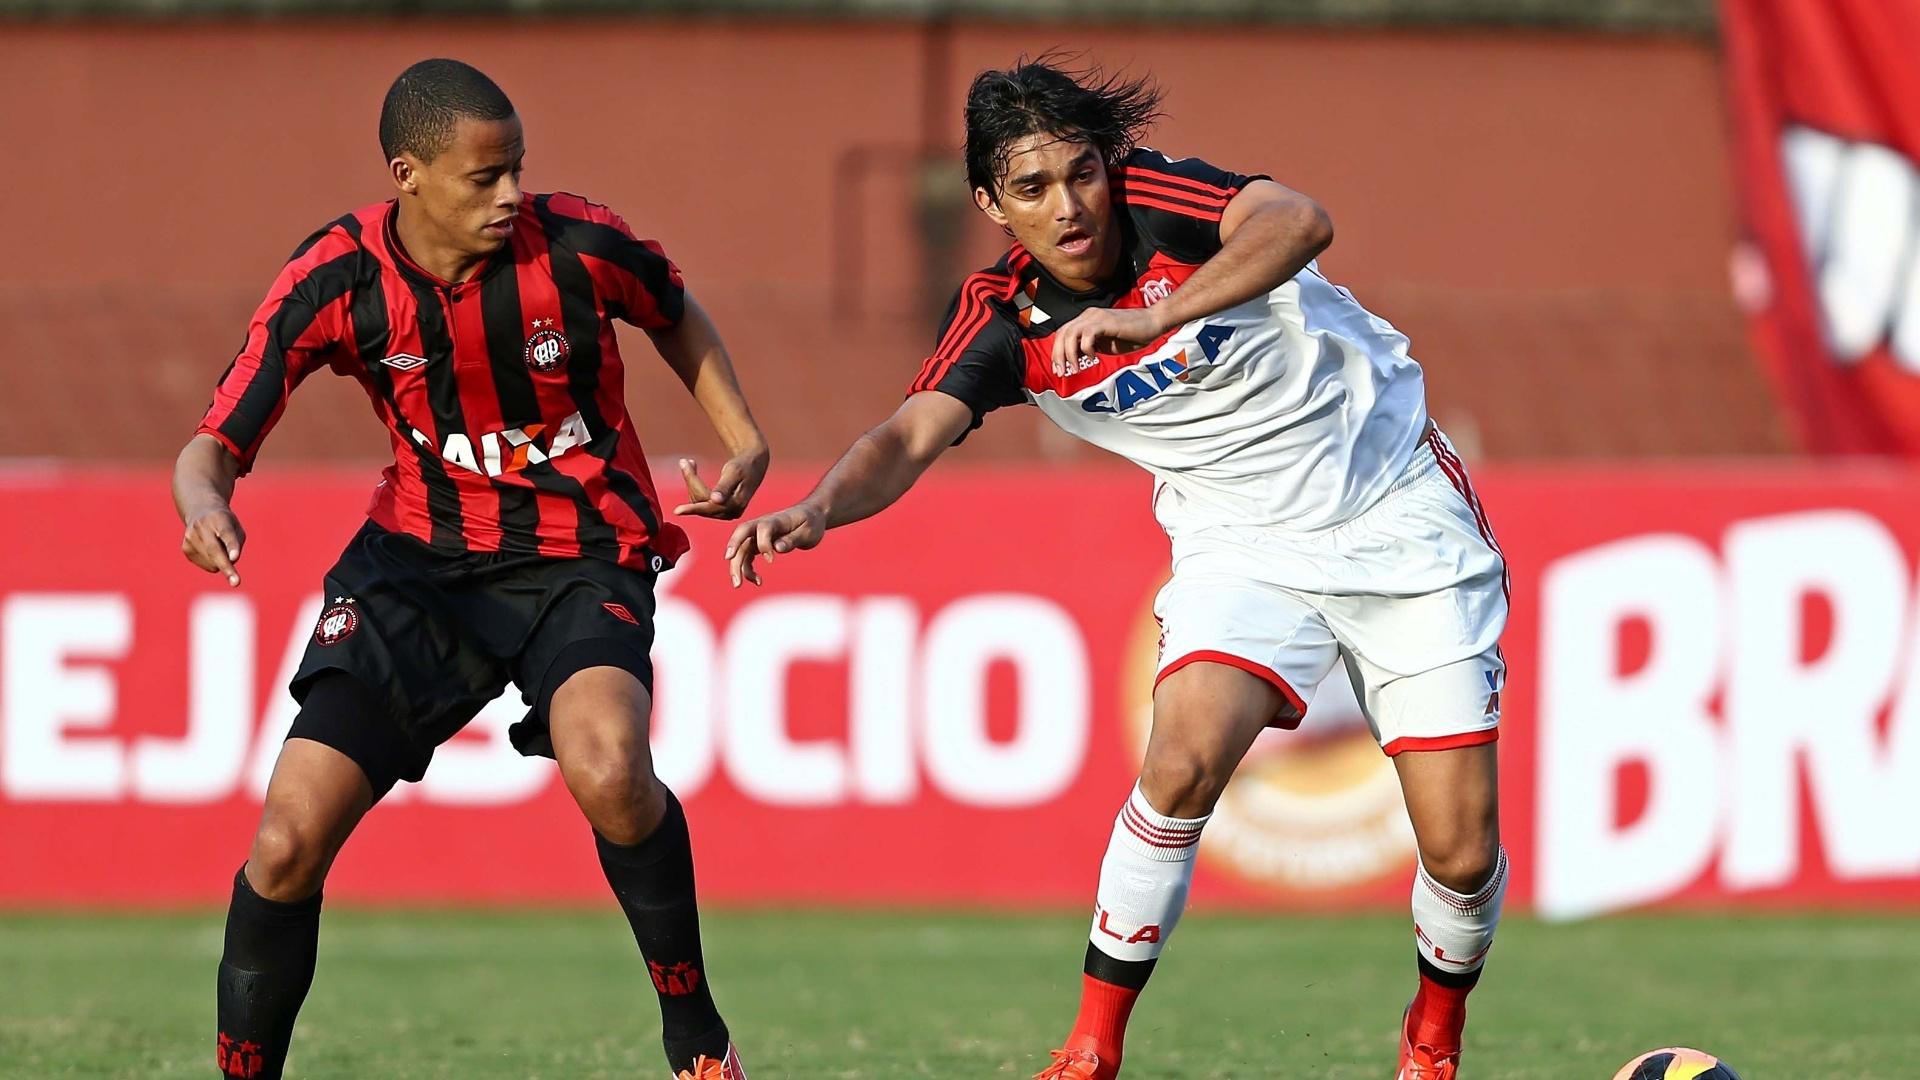 01.06.13 - Marcelo Moreno disputa bola na partida entre Flamengo e Atlético-PR pelo Campeonato Brasileiro